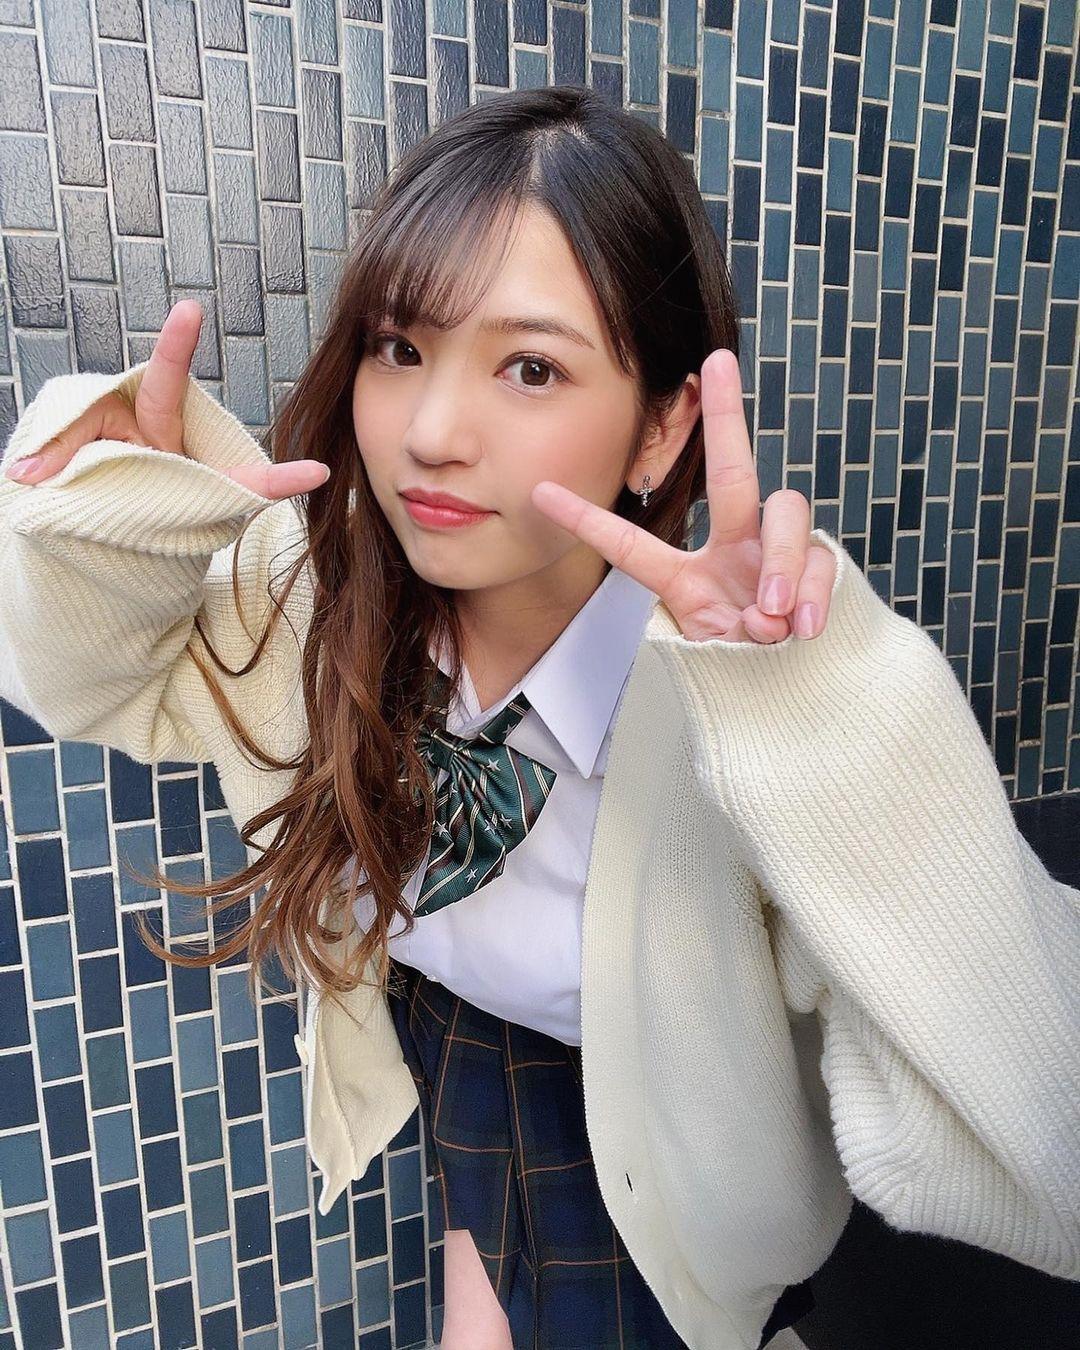 2020年写真销售冠军「藤乃あおい」,已入选浅草百大美人-新图包